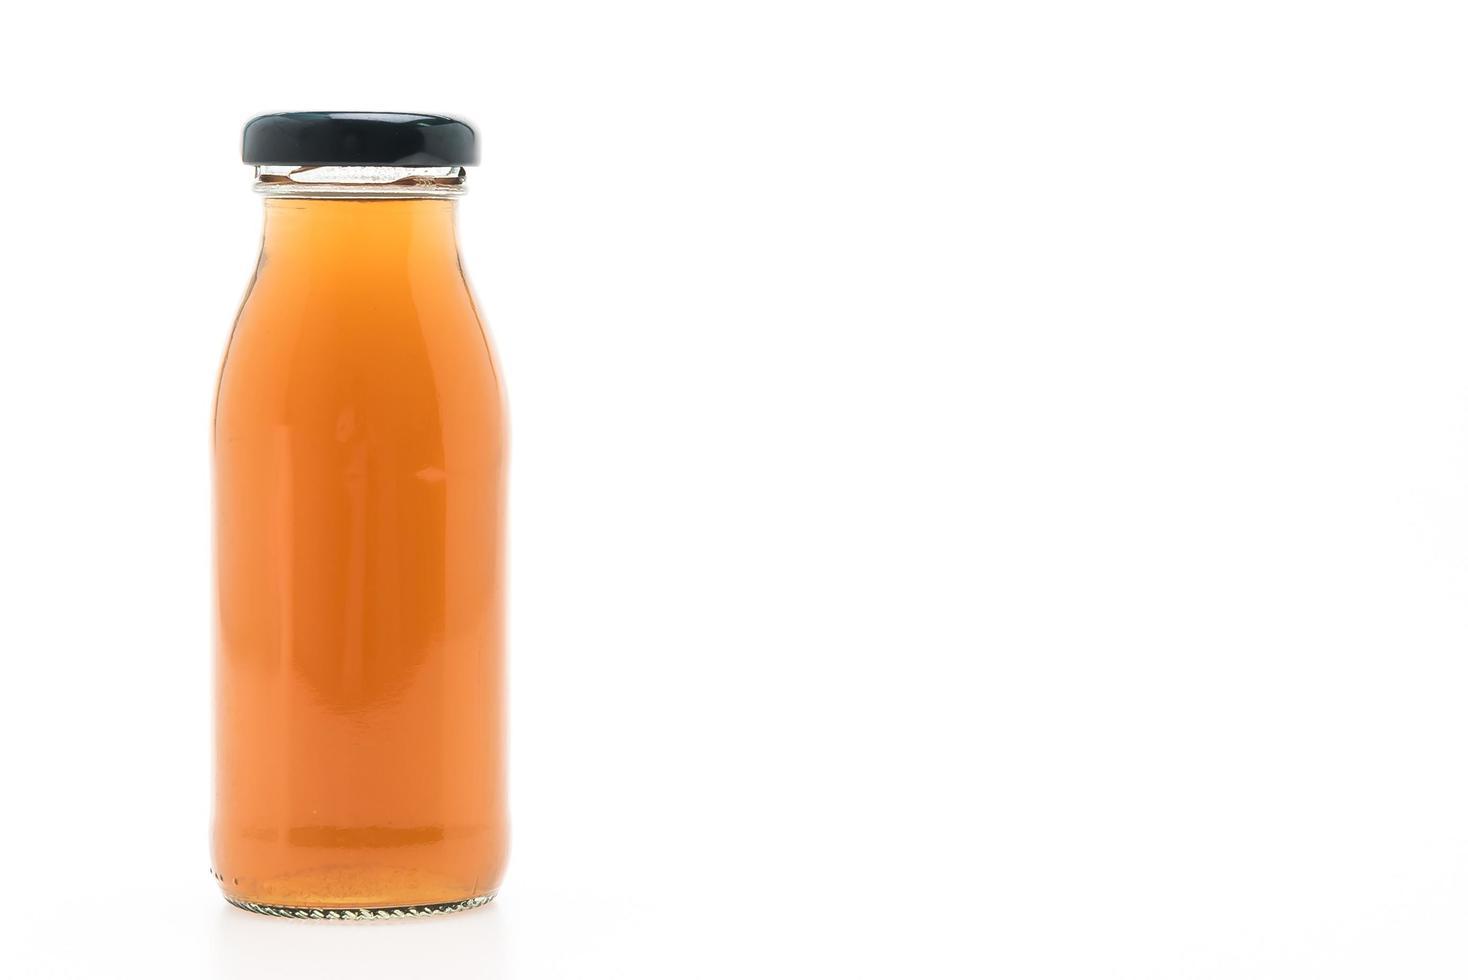 fruit en groentesap fles geïsoleerd op een witte achtergrond foto